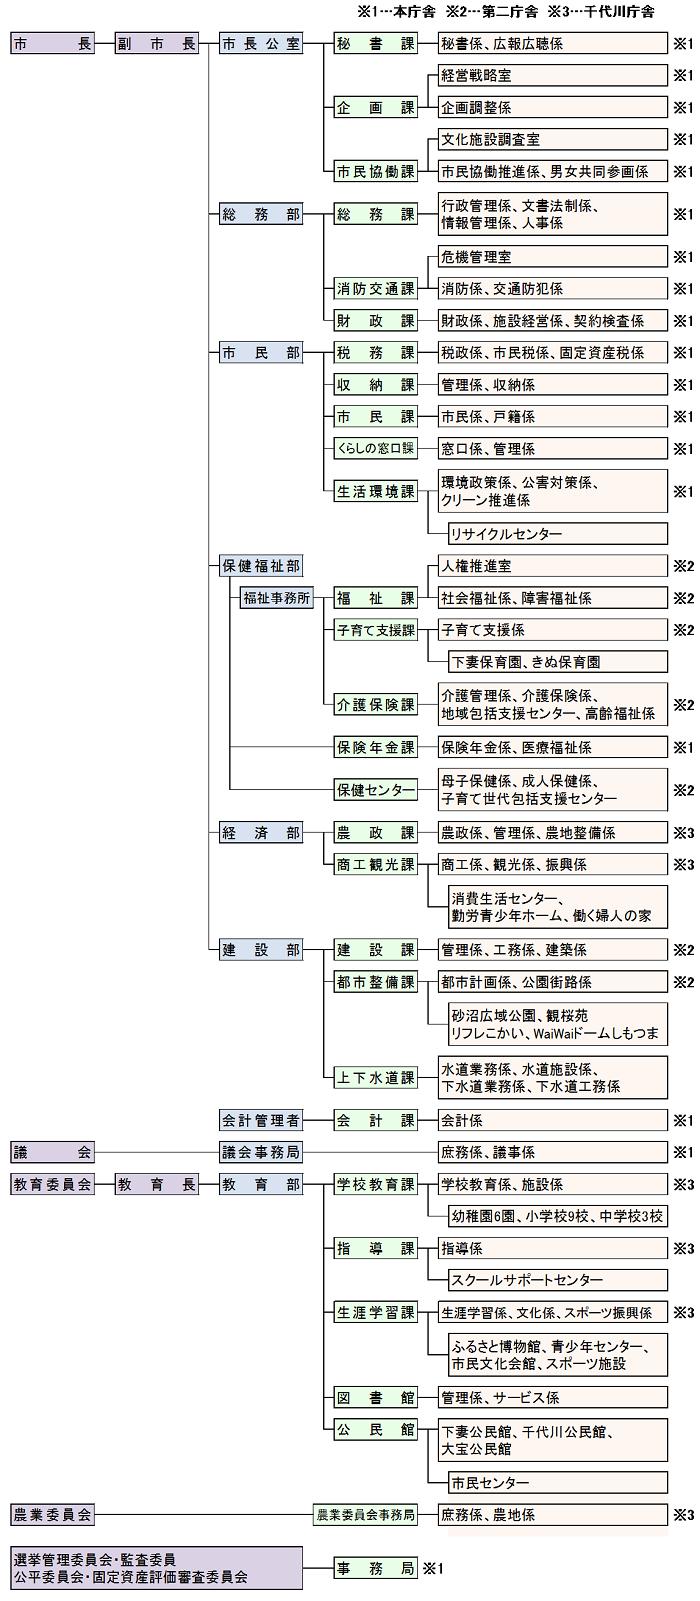 R02_行政機構図